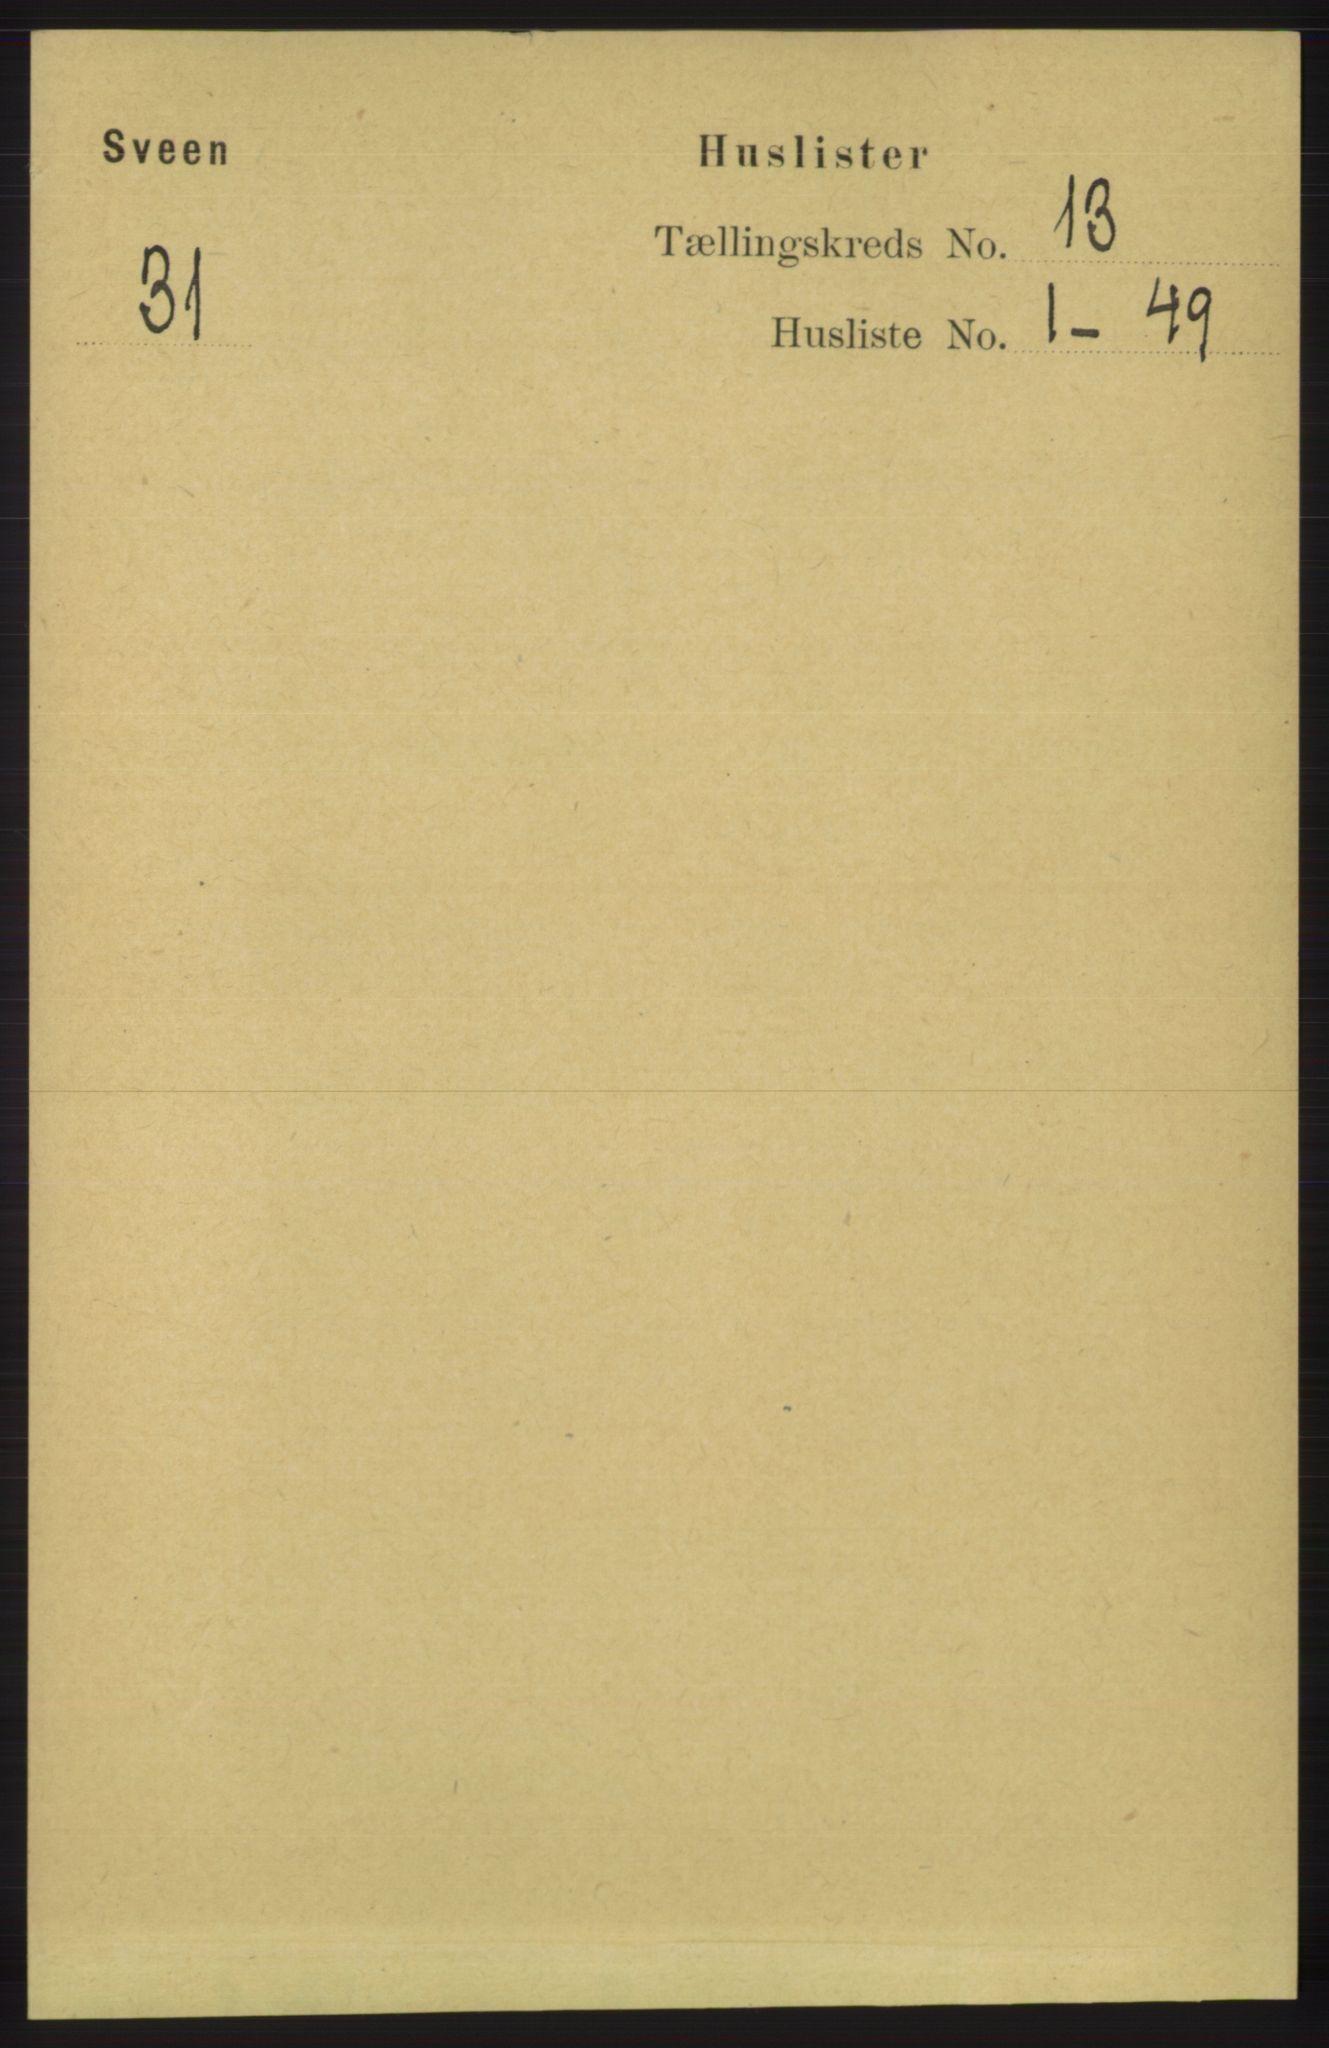 RA, Folketelling 1891 for 1216 Sveio herred, 1891, s. 3617